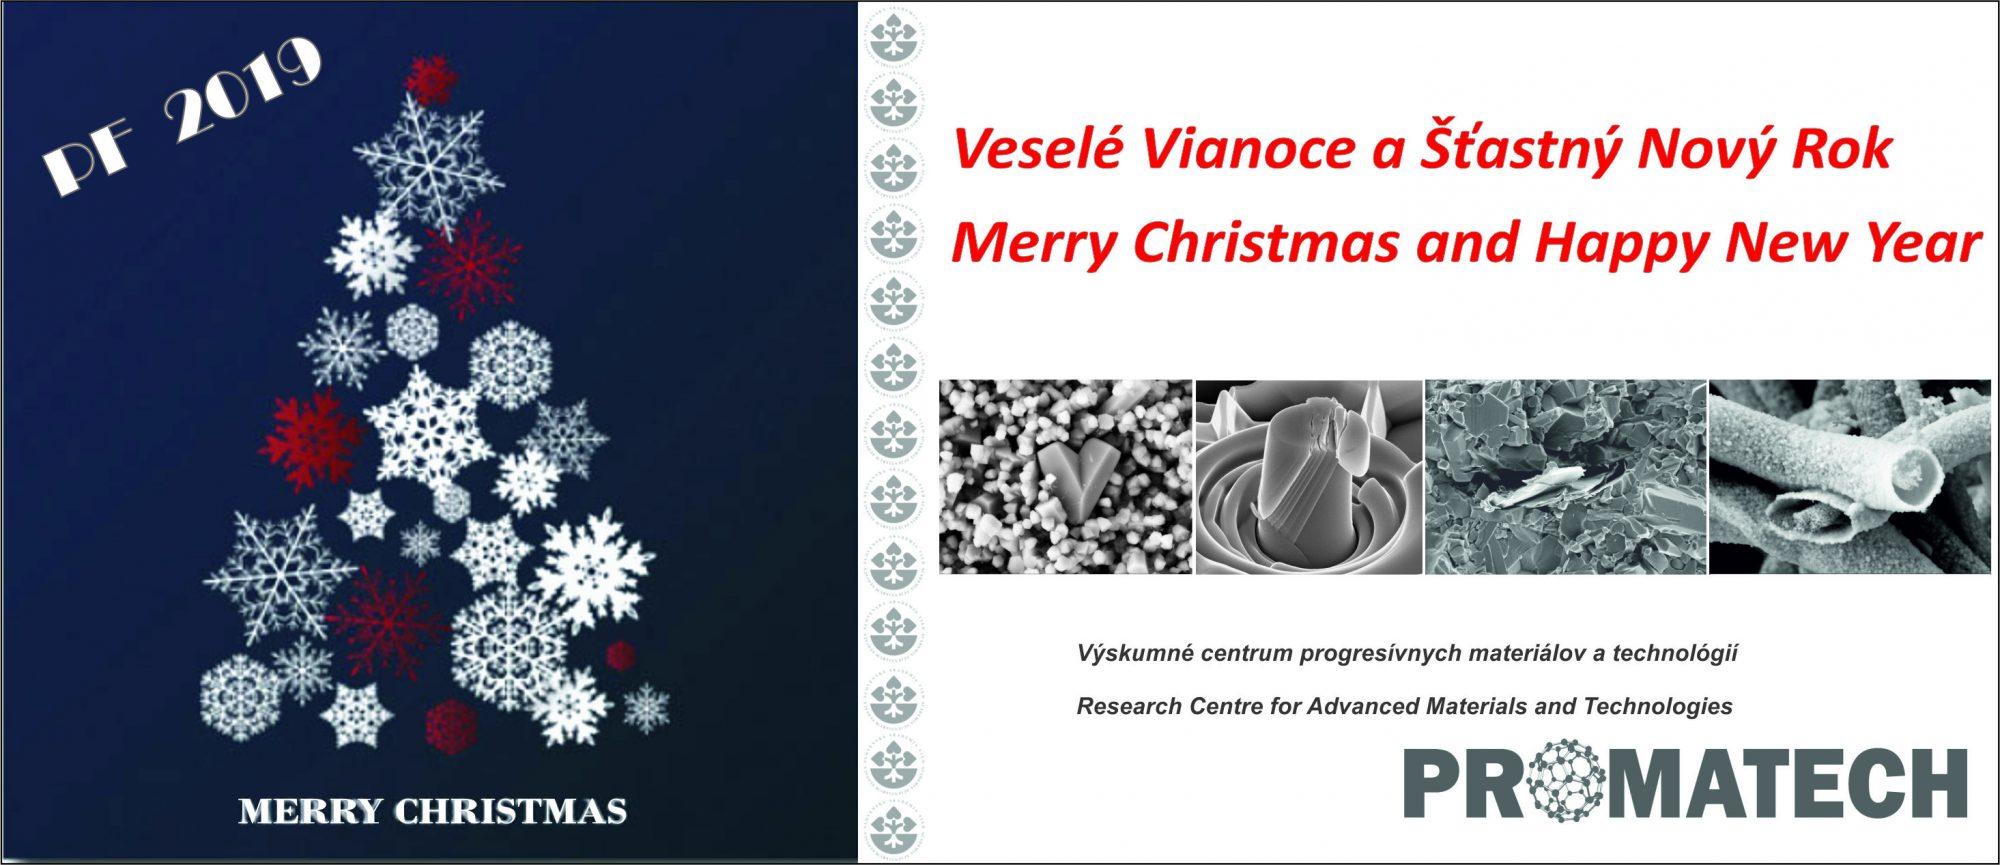 Veselé Vianoce a úspešný Nový rok 2019